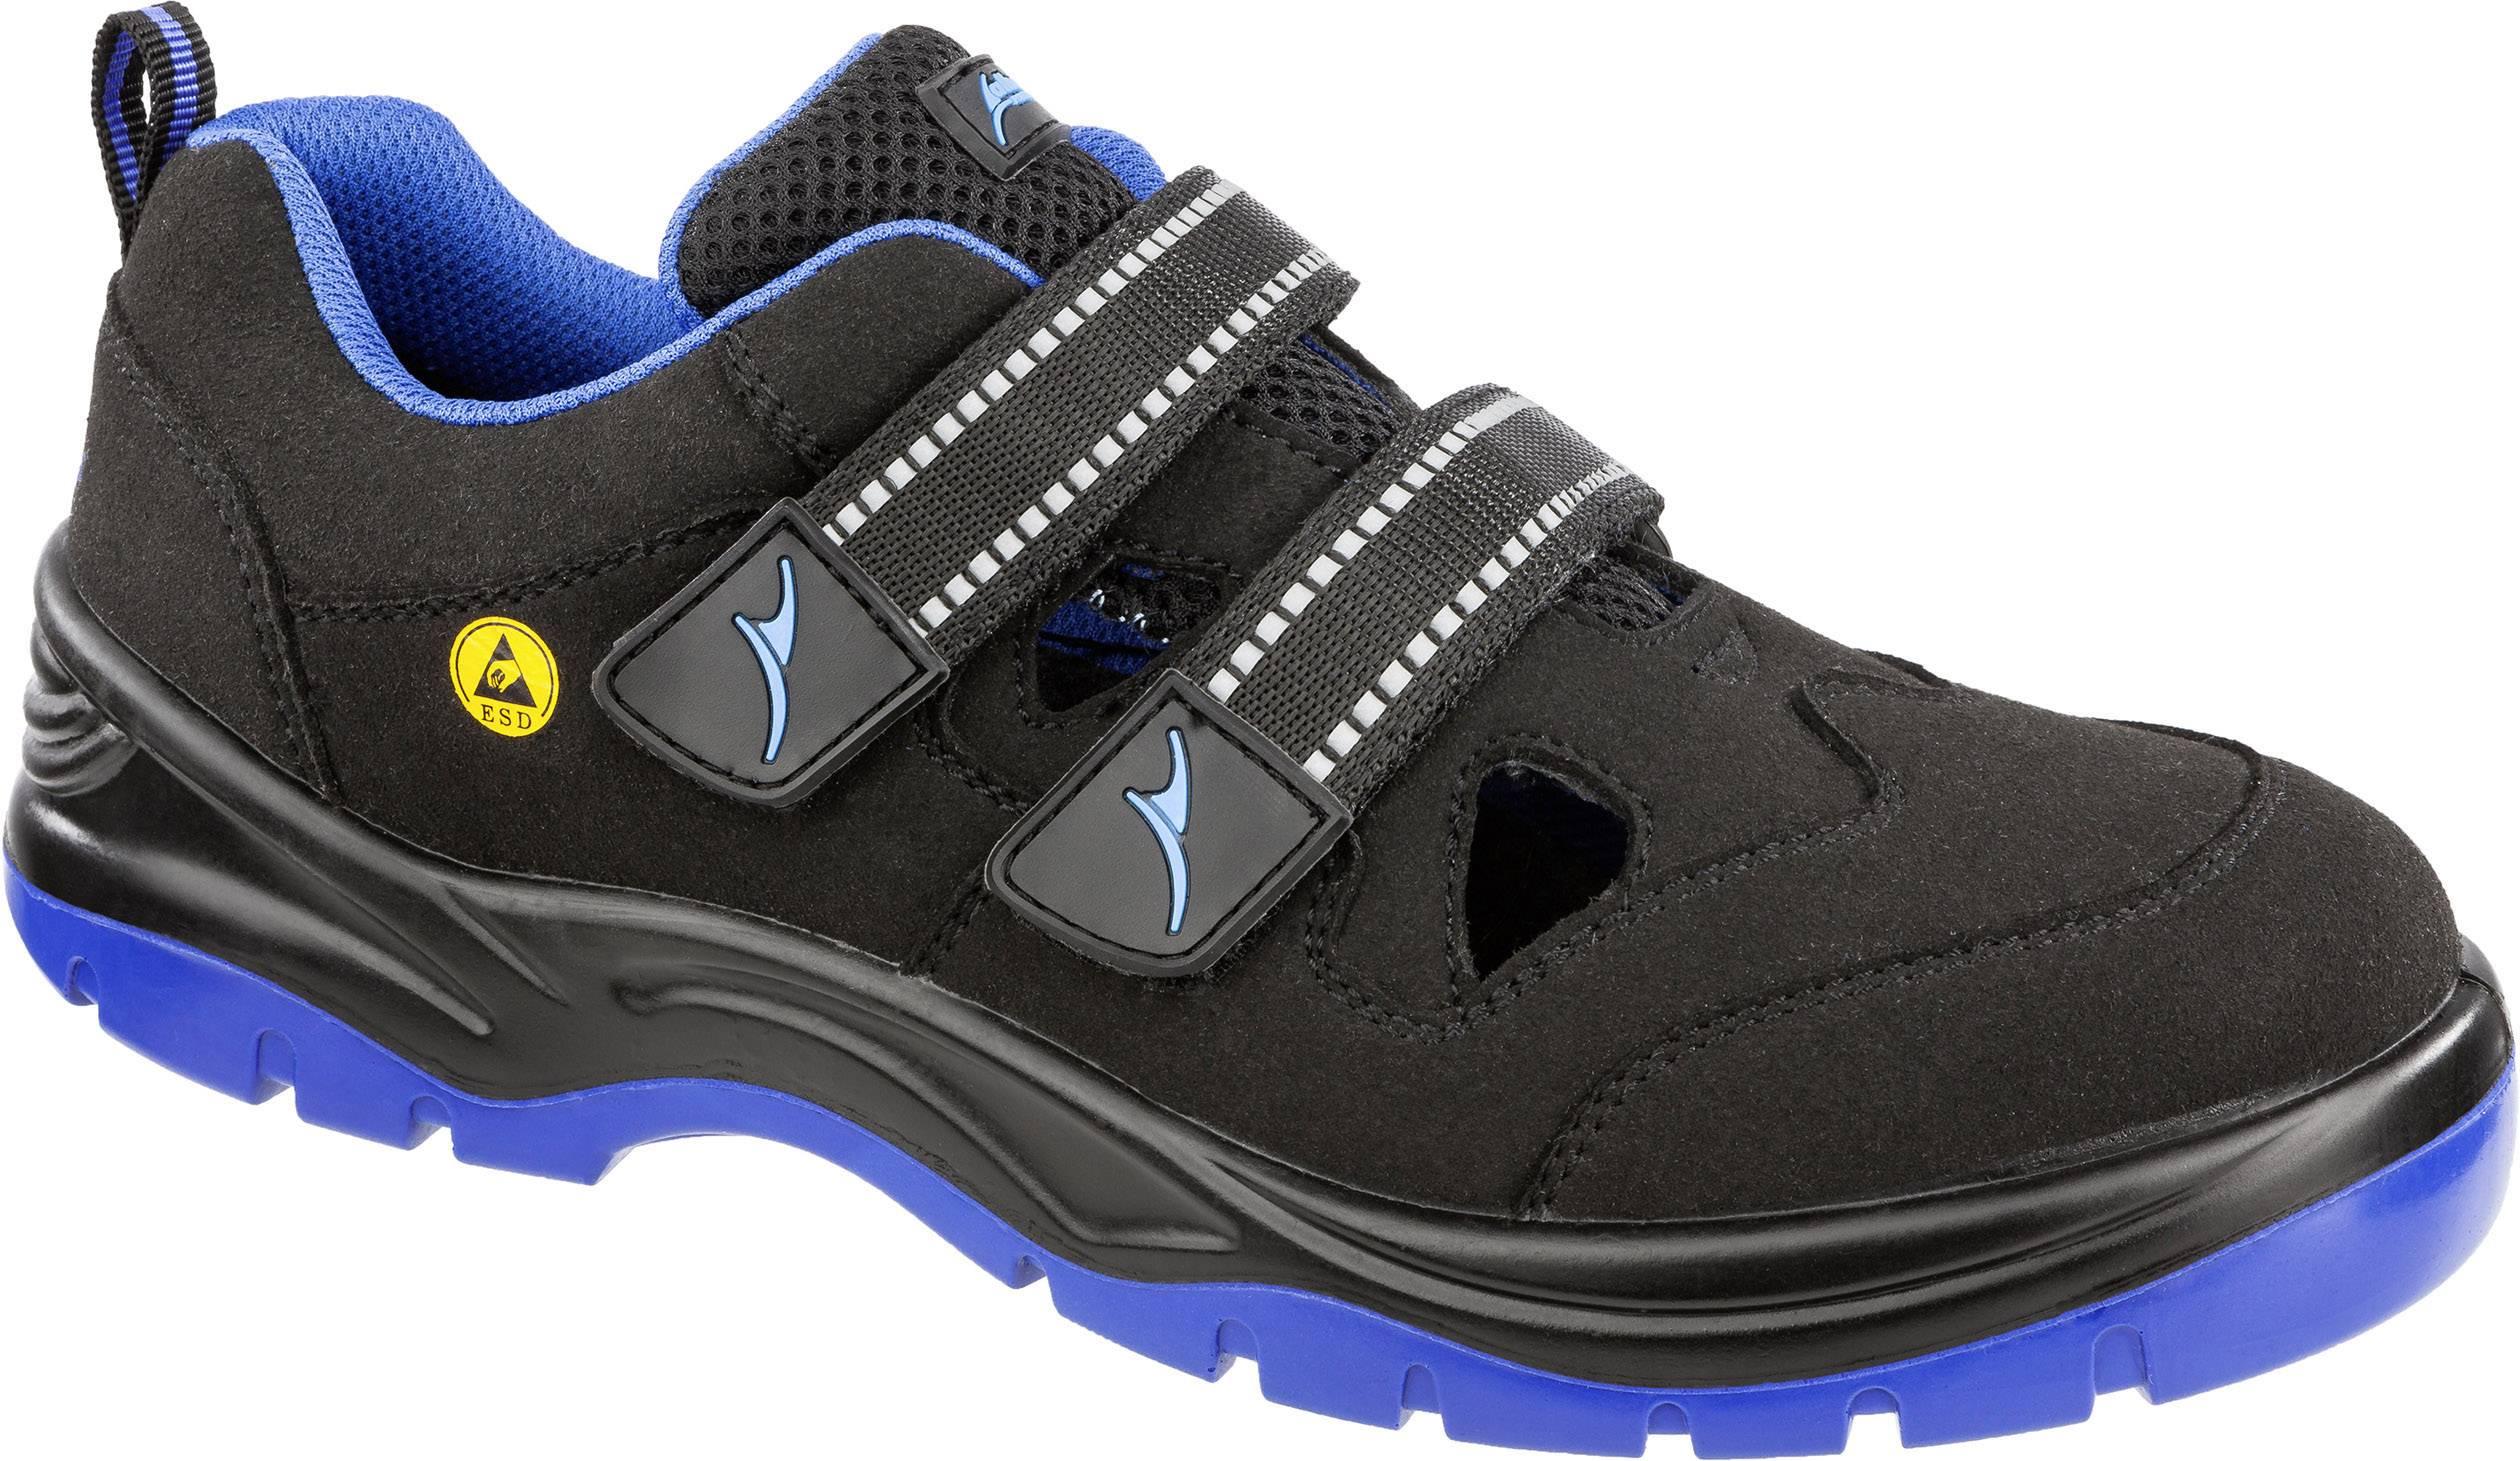 Bezpečnostní obuv ESD S1P Albatros BLUETECH AIR LOW ESD SRC 641110-42, vel.: 42, černá, modrá, 1 pár